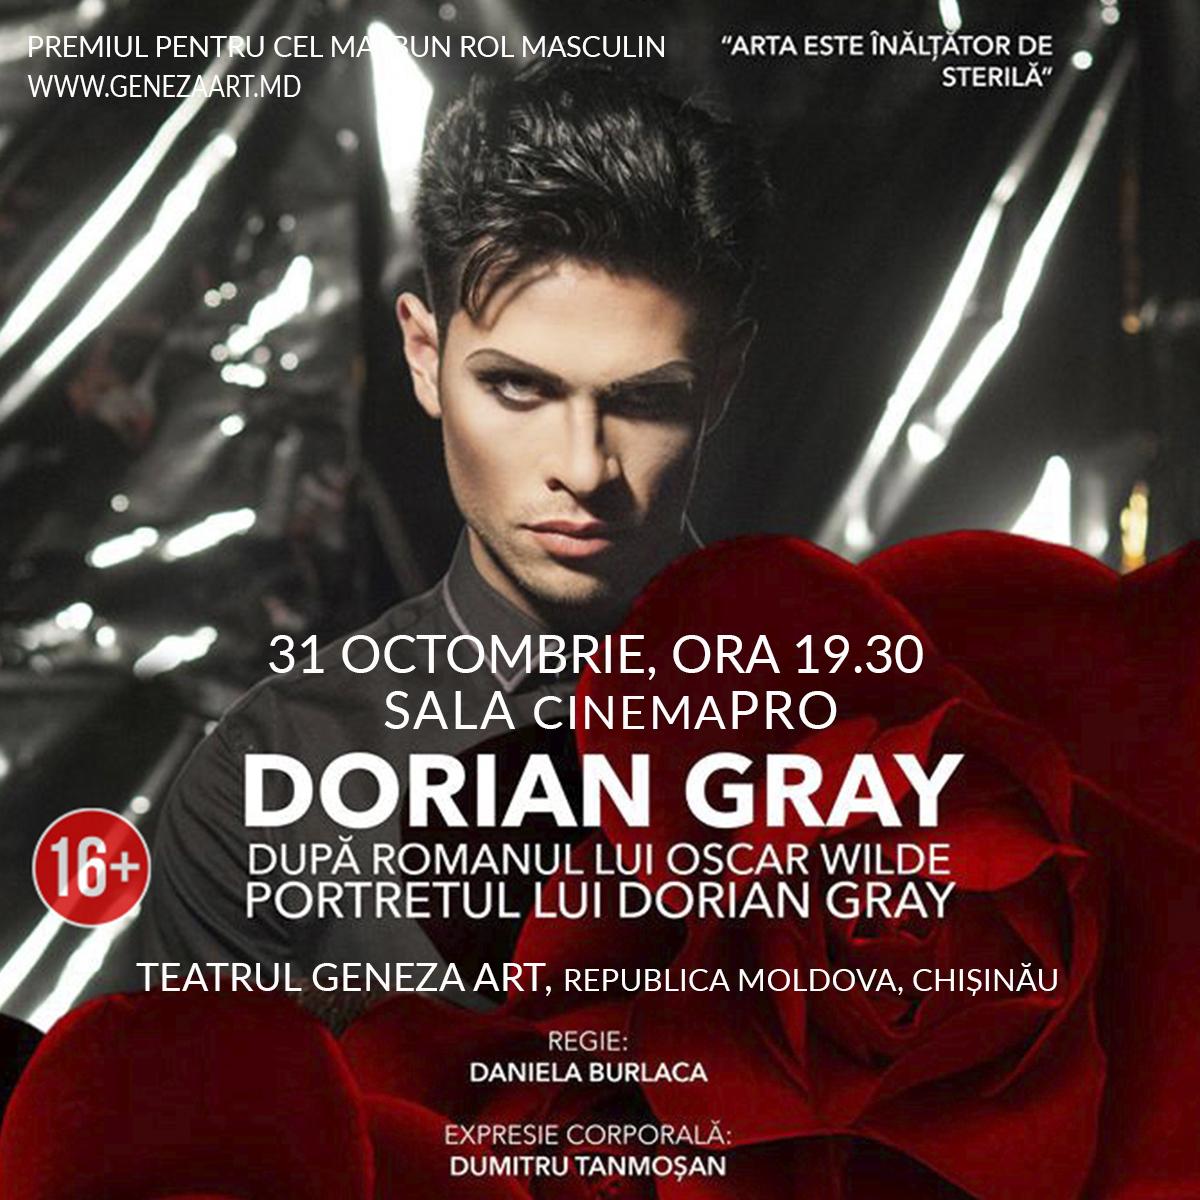 DORIAN GRAY   Festival Geneza ART